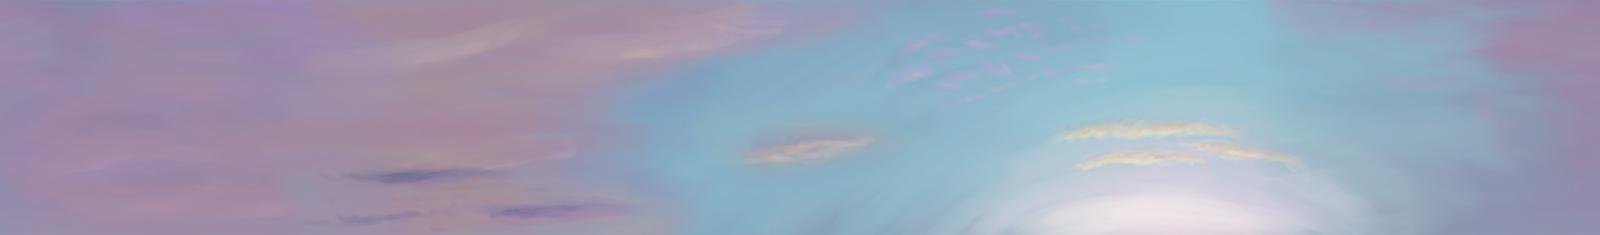 Sky by SwansDown